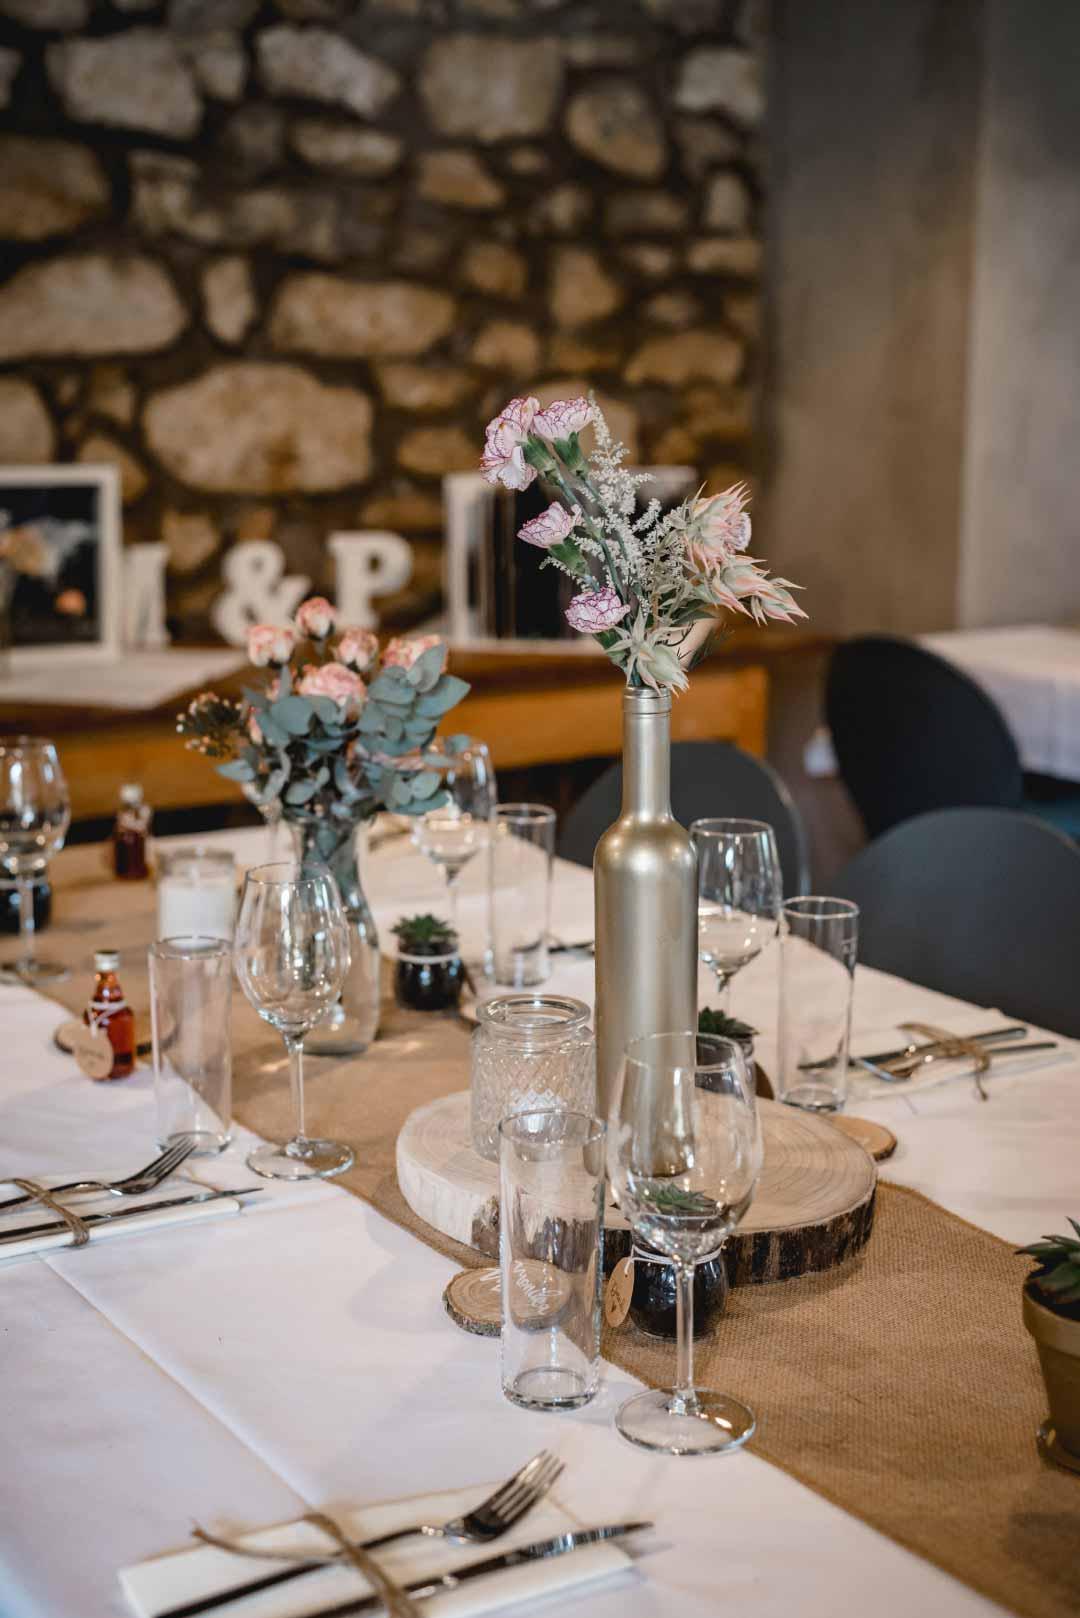 Rustic-Chic Tischdeko für die Hochzeitsfeier